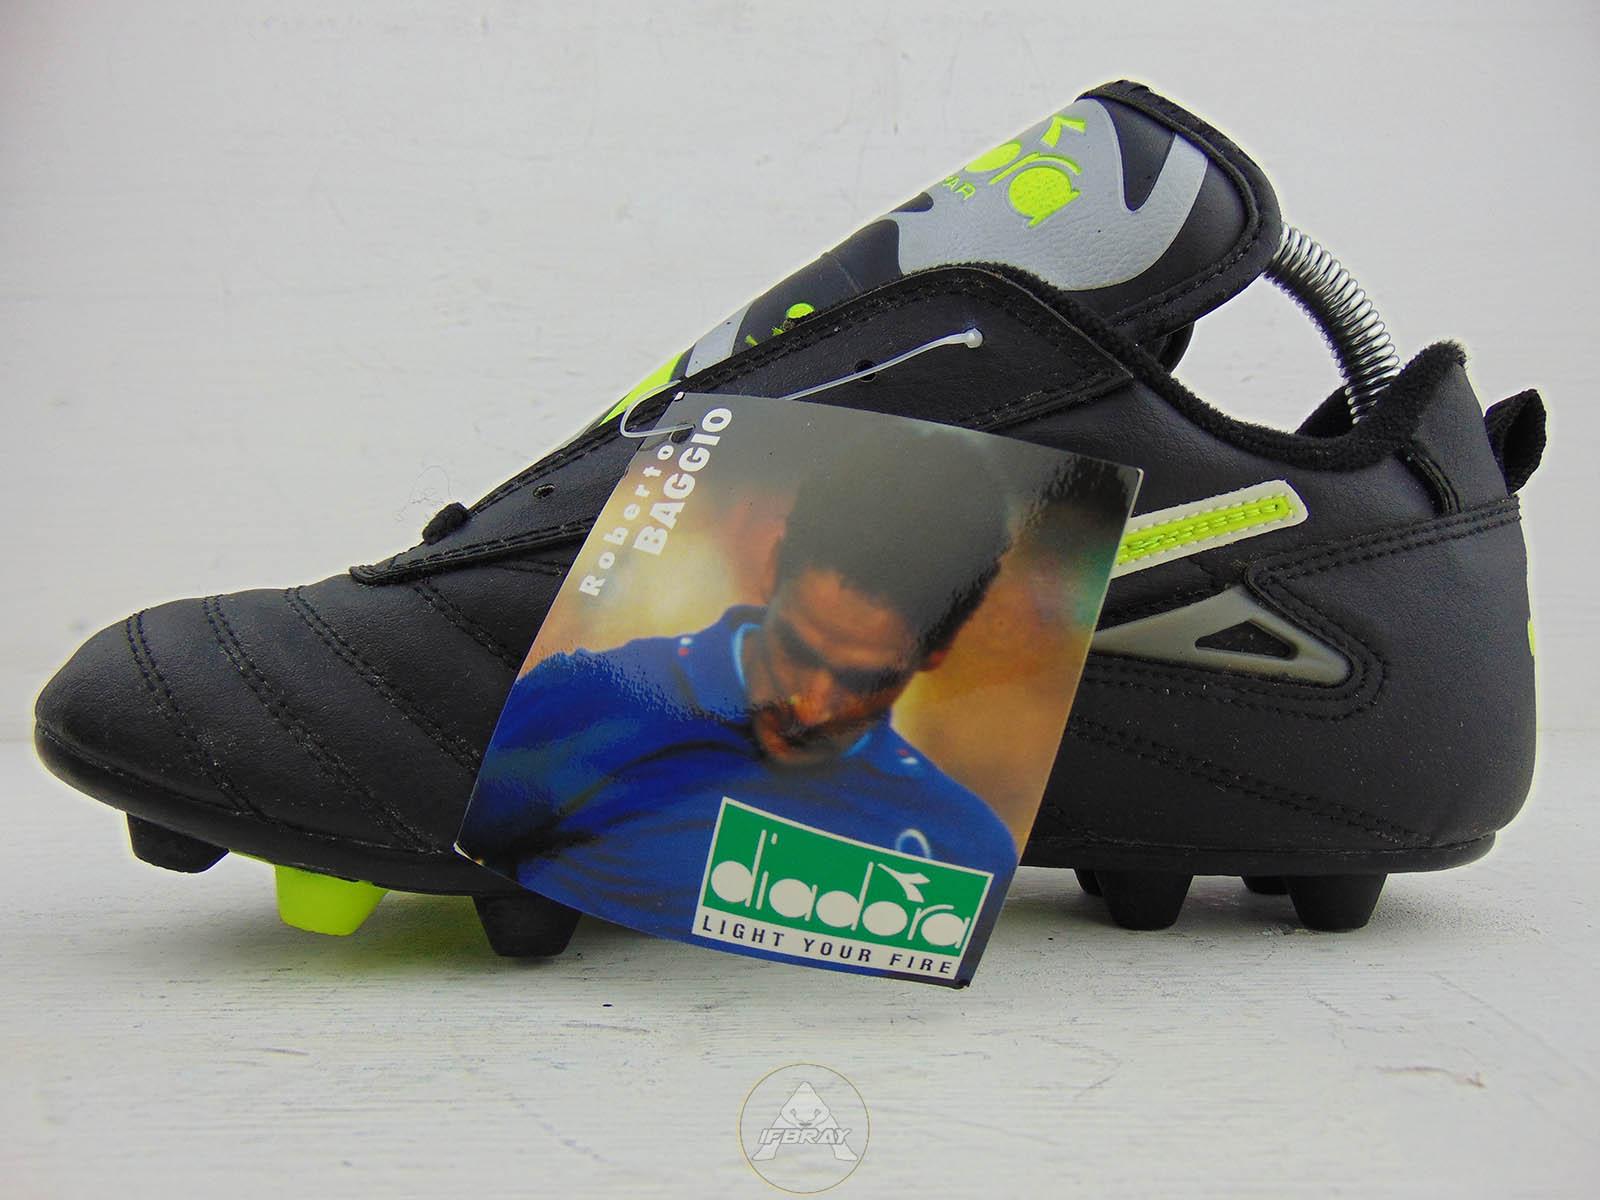 Vintage '90 Diadora Roberto Baggio Soccer Shoes – Ifbray